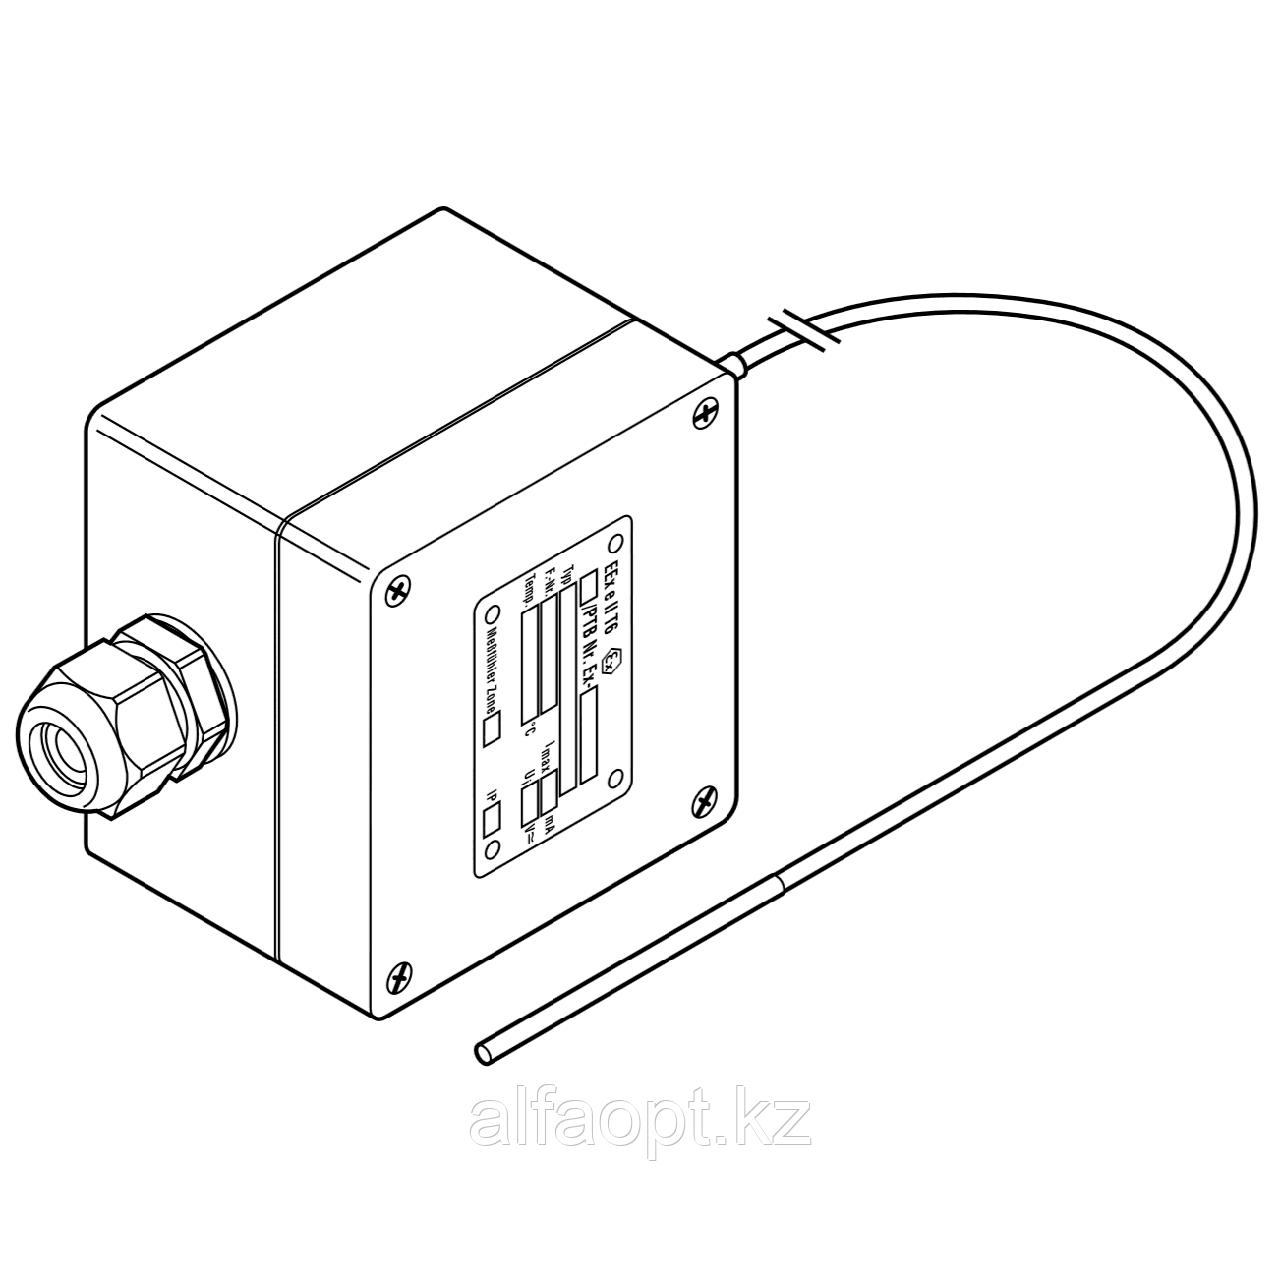 Платиновый датчик температуры для взрывоопасных зон MONI-PT100-EXE